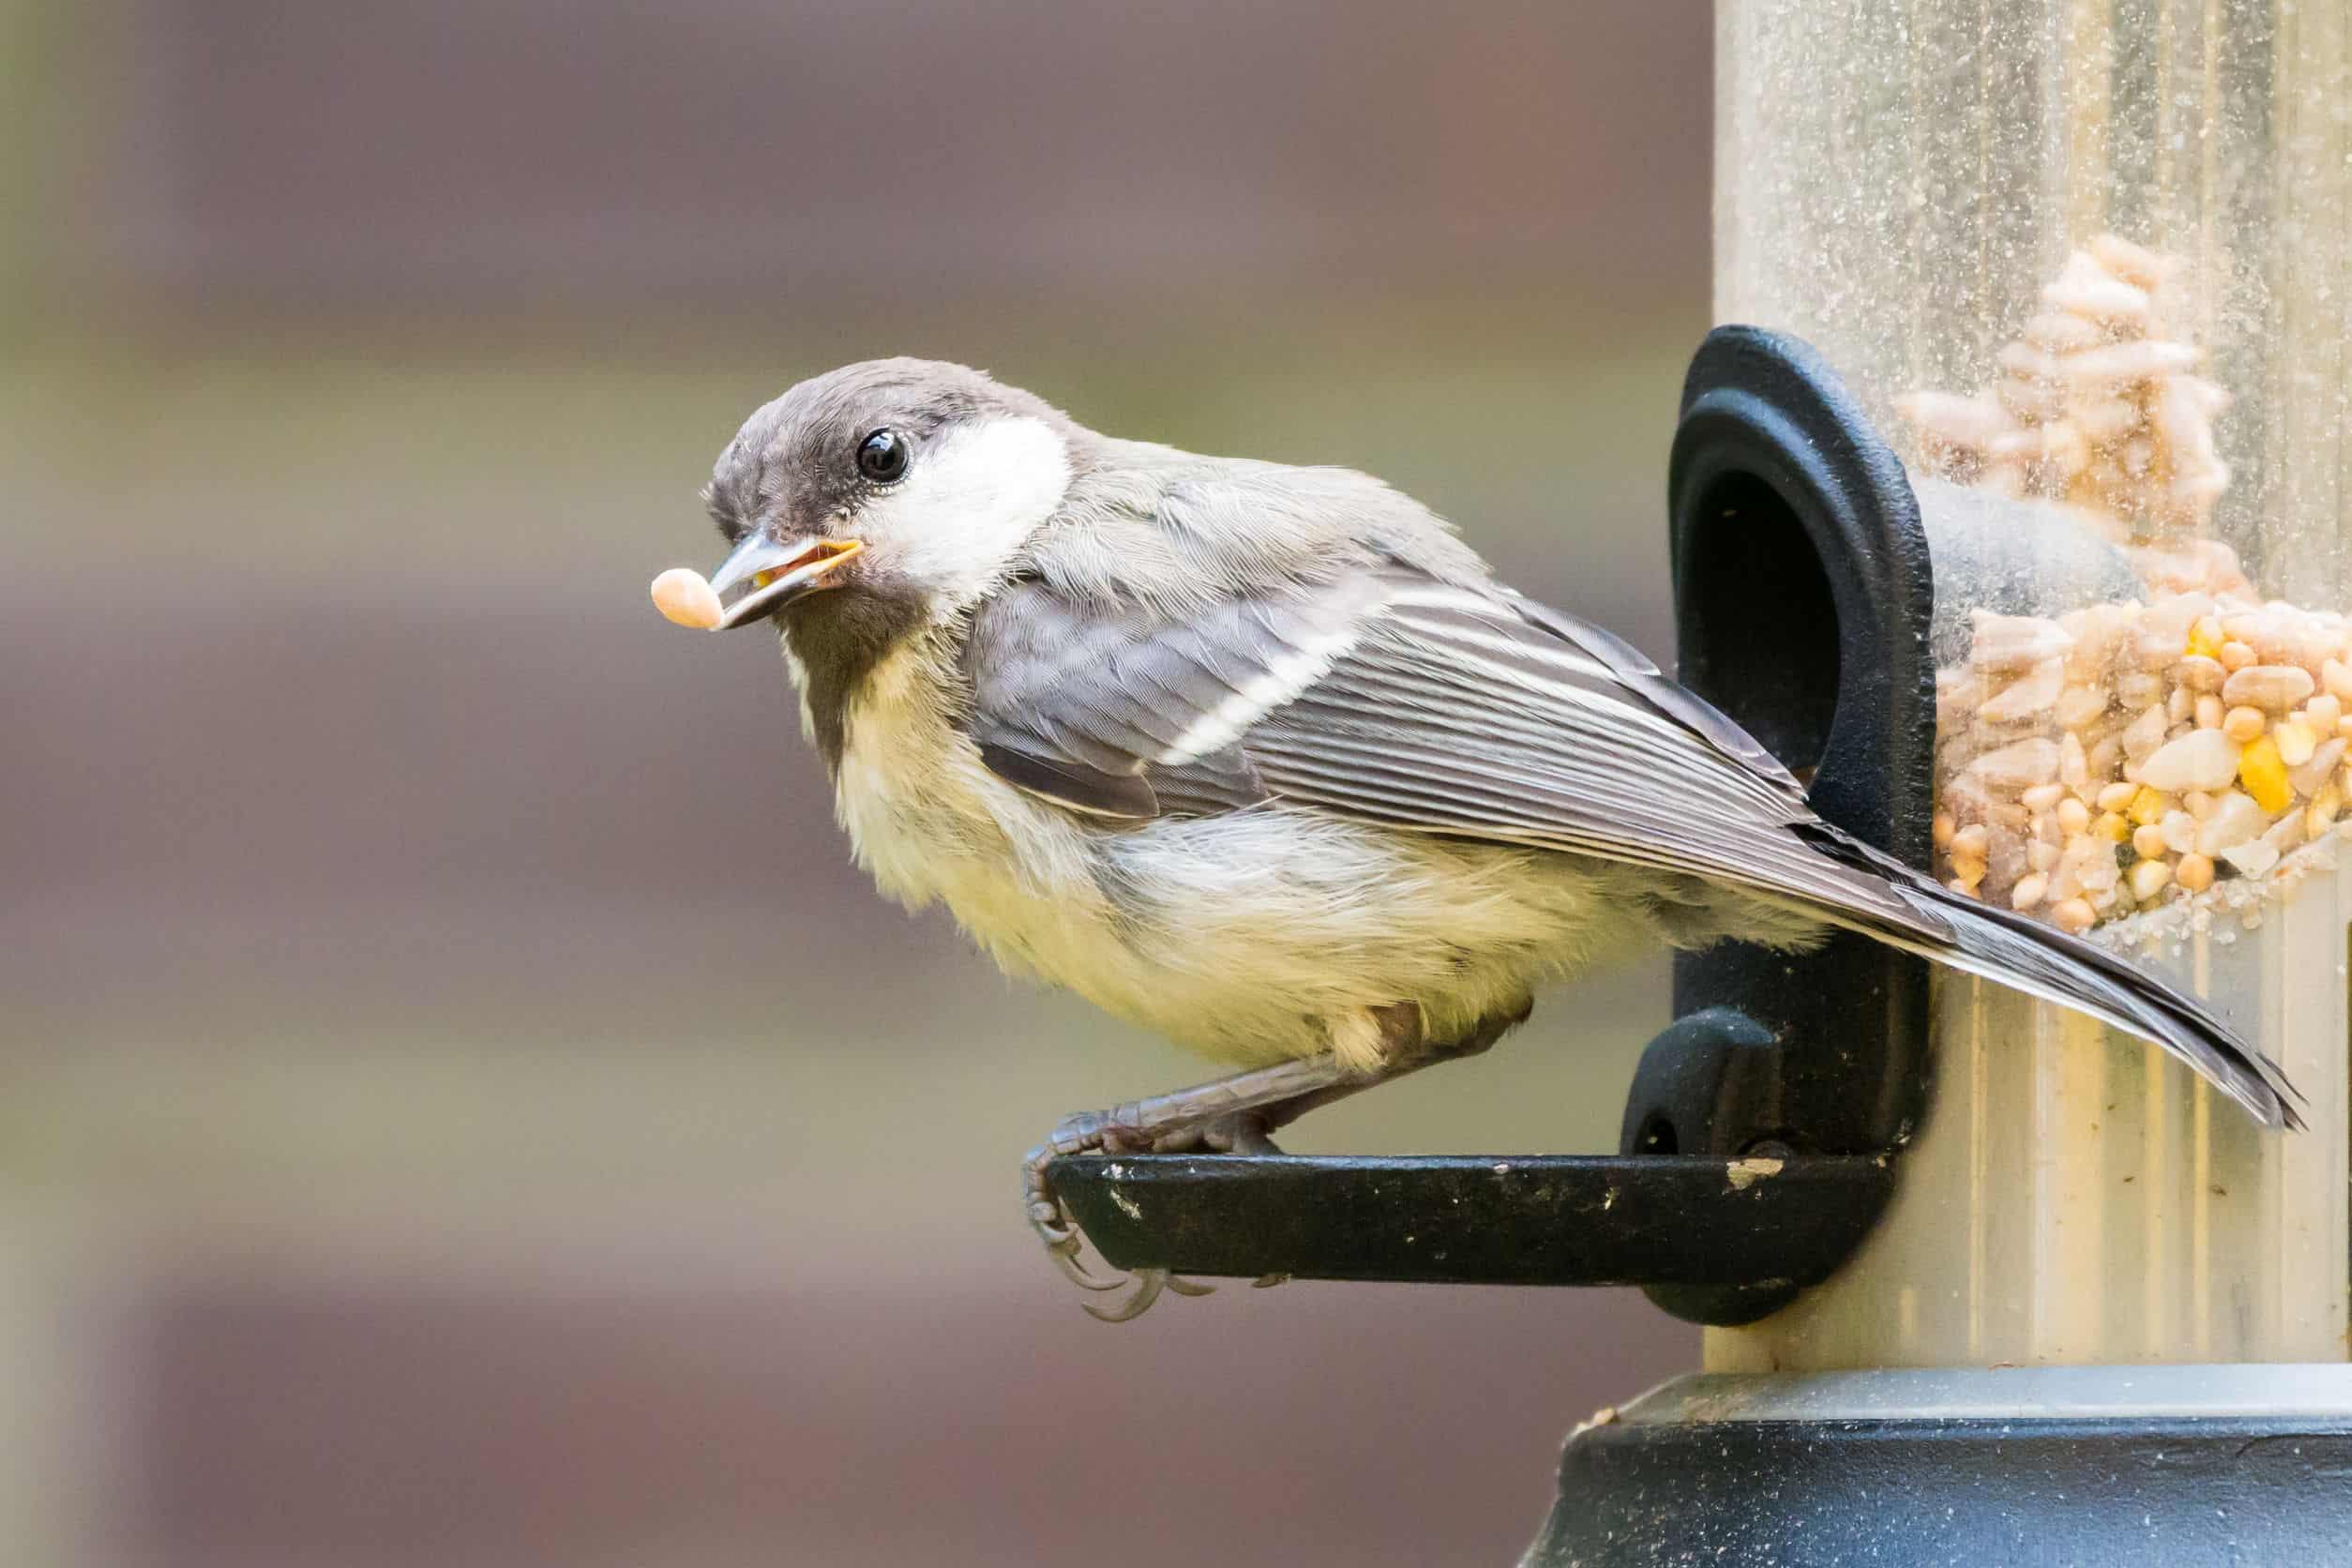 Vogelfutterspender: Test & Empfehlungen (02/20)